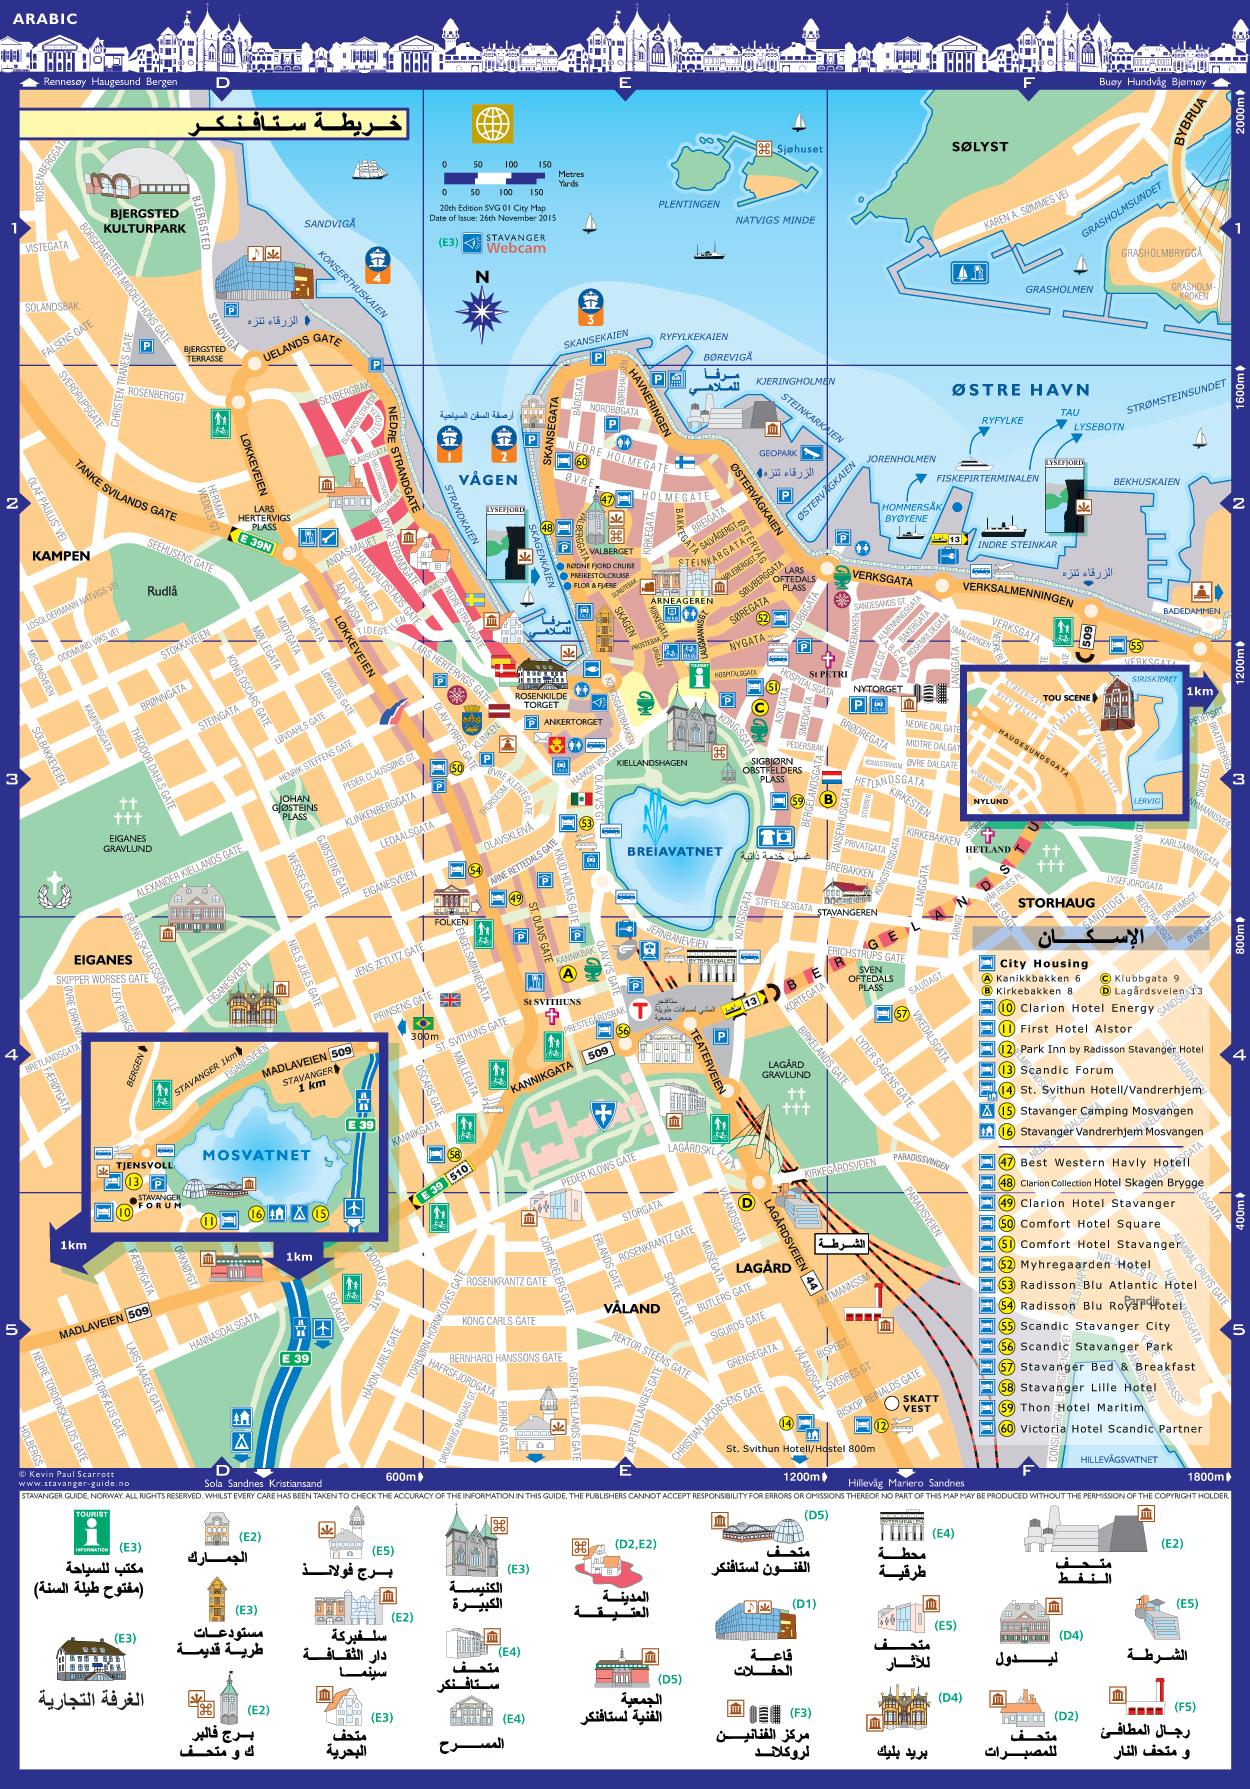 ستافنجر خريطة المدينة